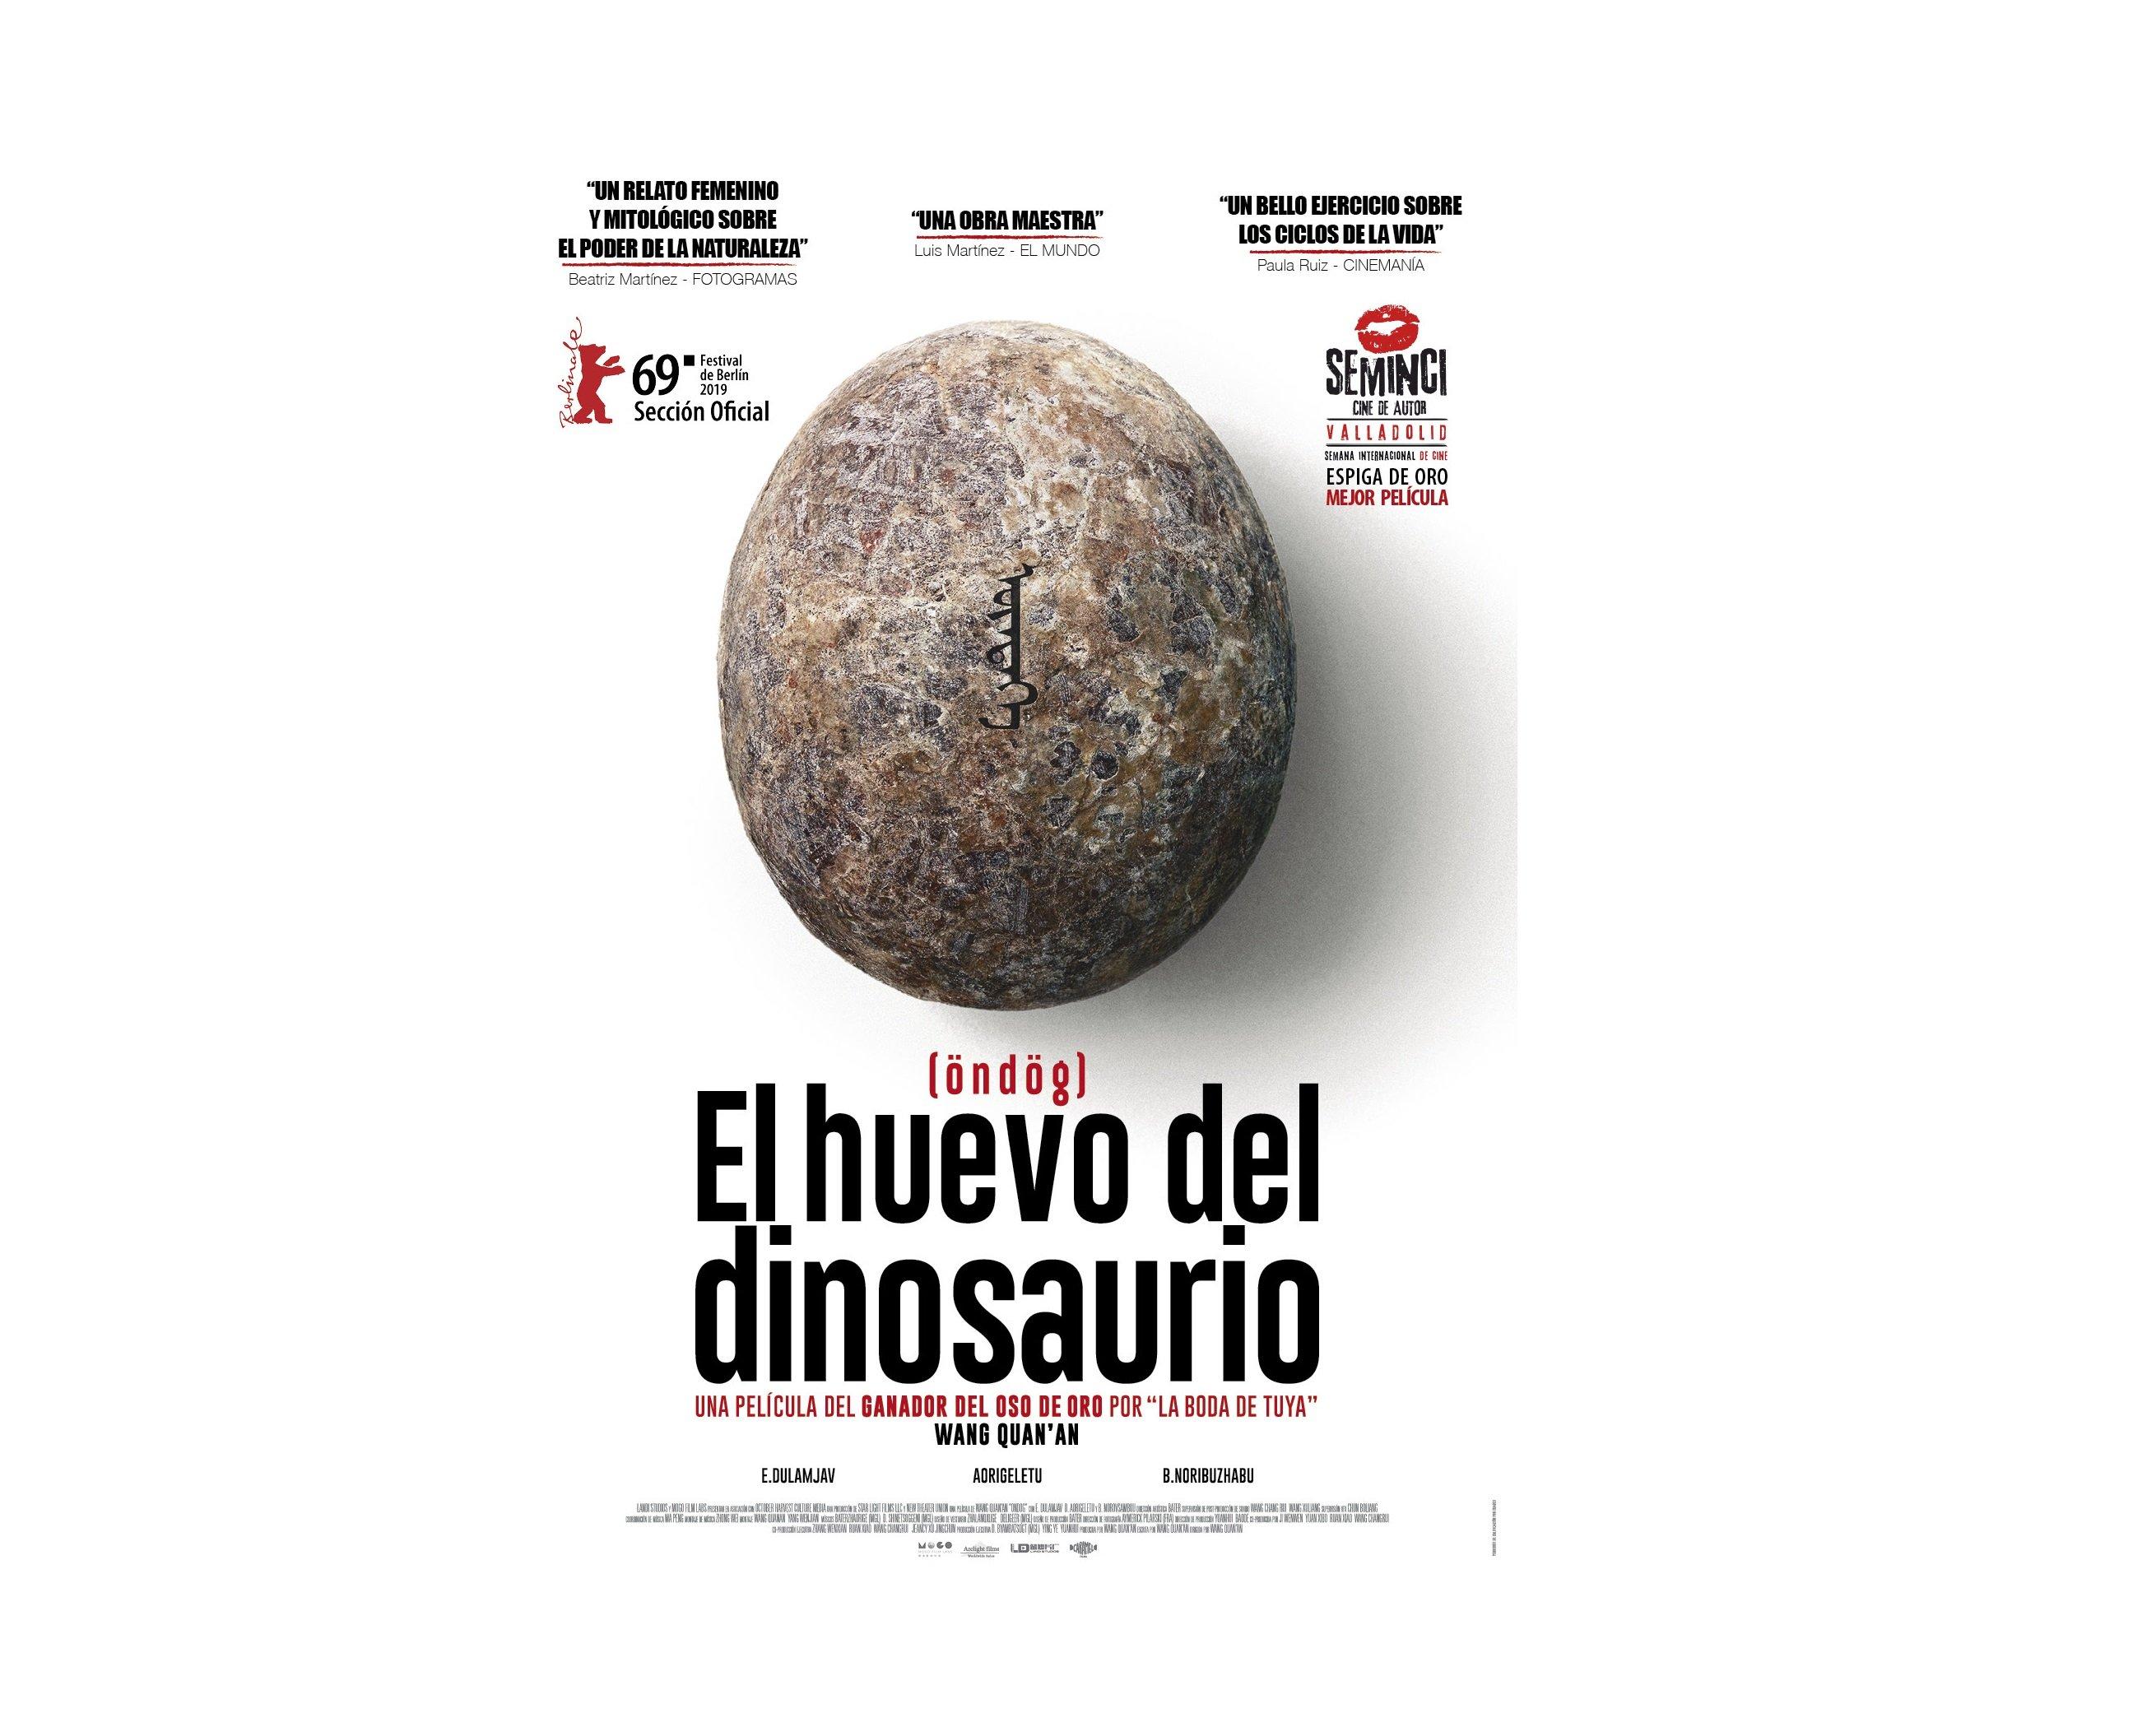 'El huevo del dinosaurio'